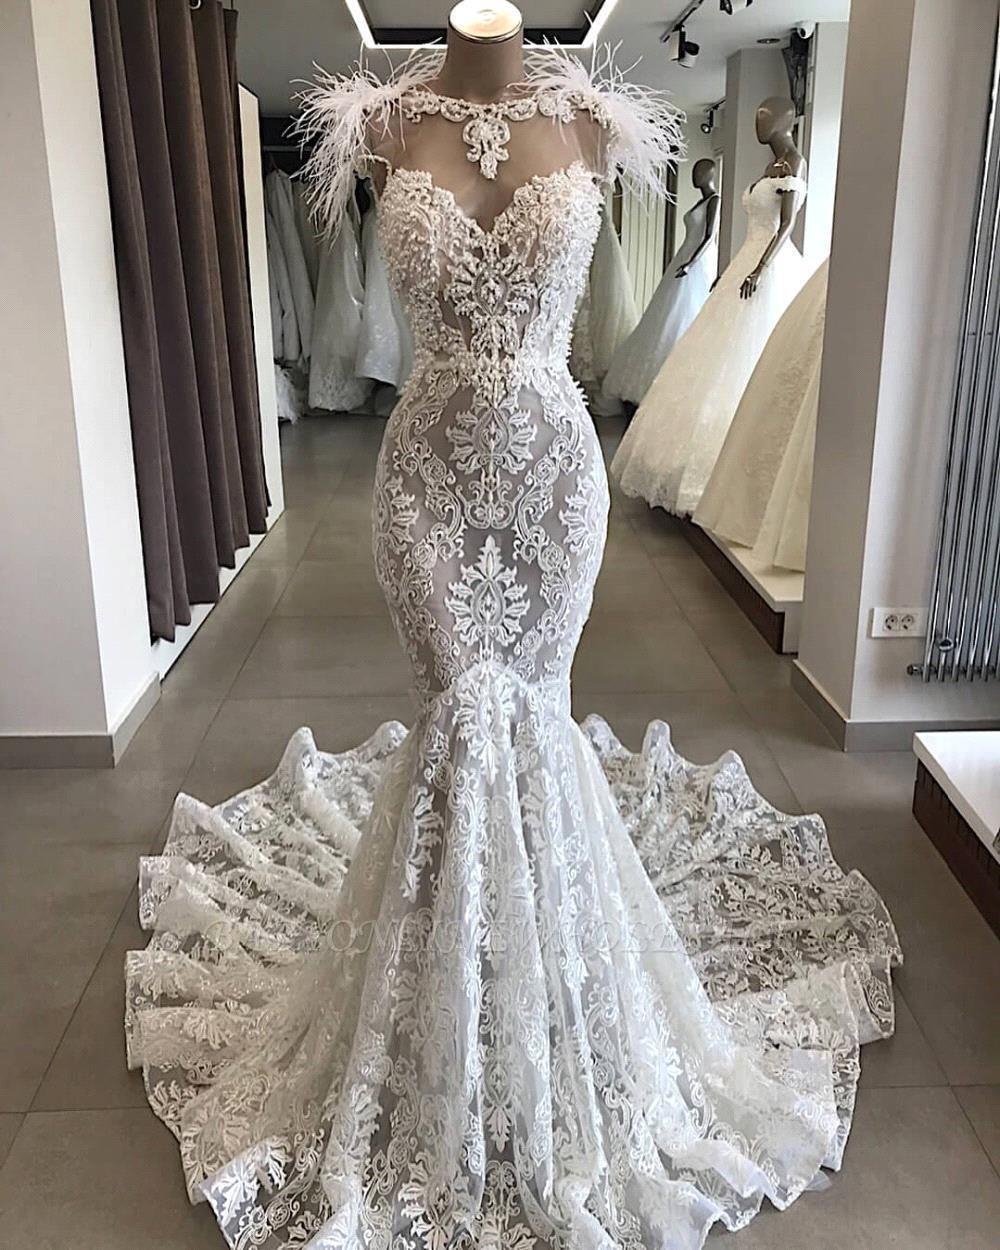 Luxe blanc creux chérie dos ouvert dentelle longue robe de mariée avec décolleté en fourrure